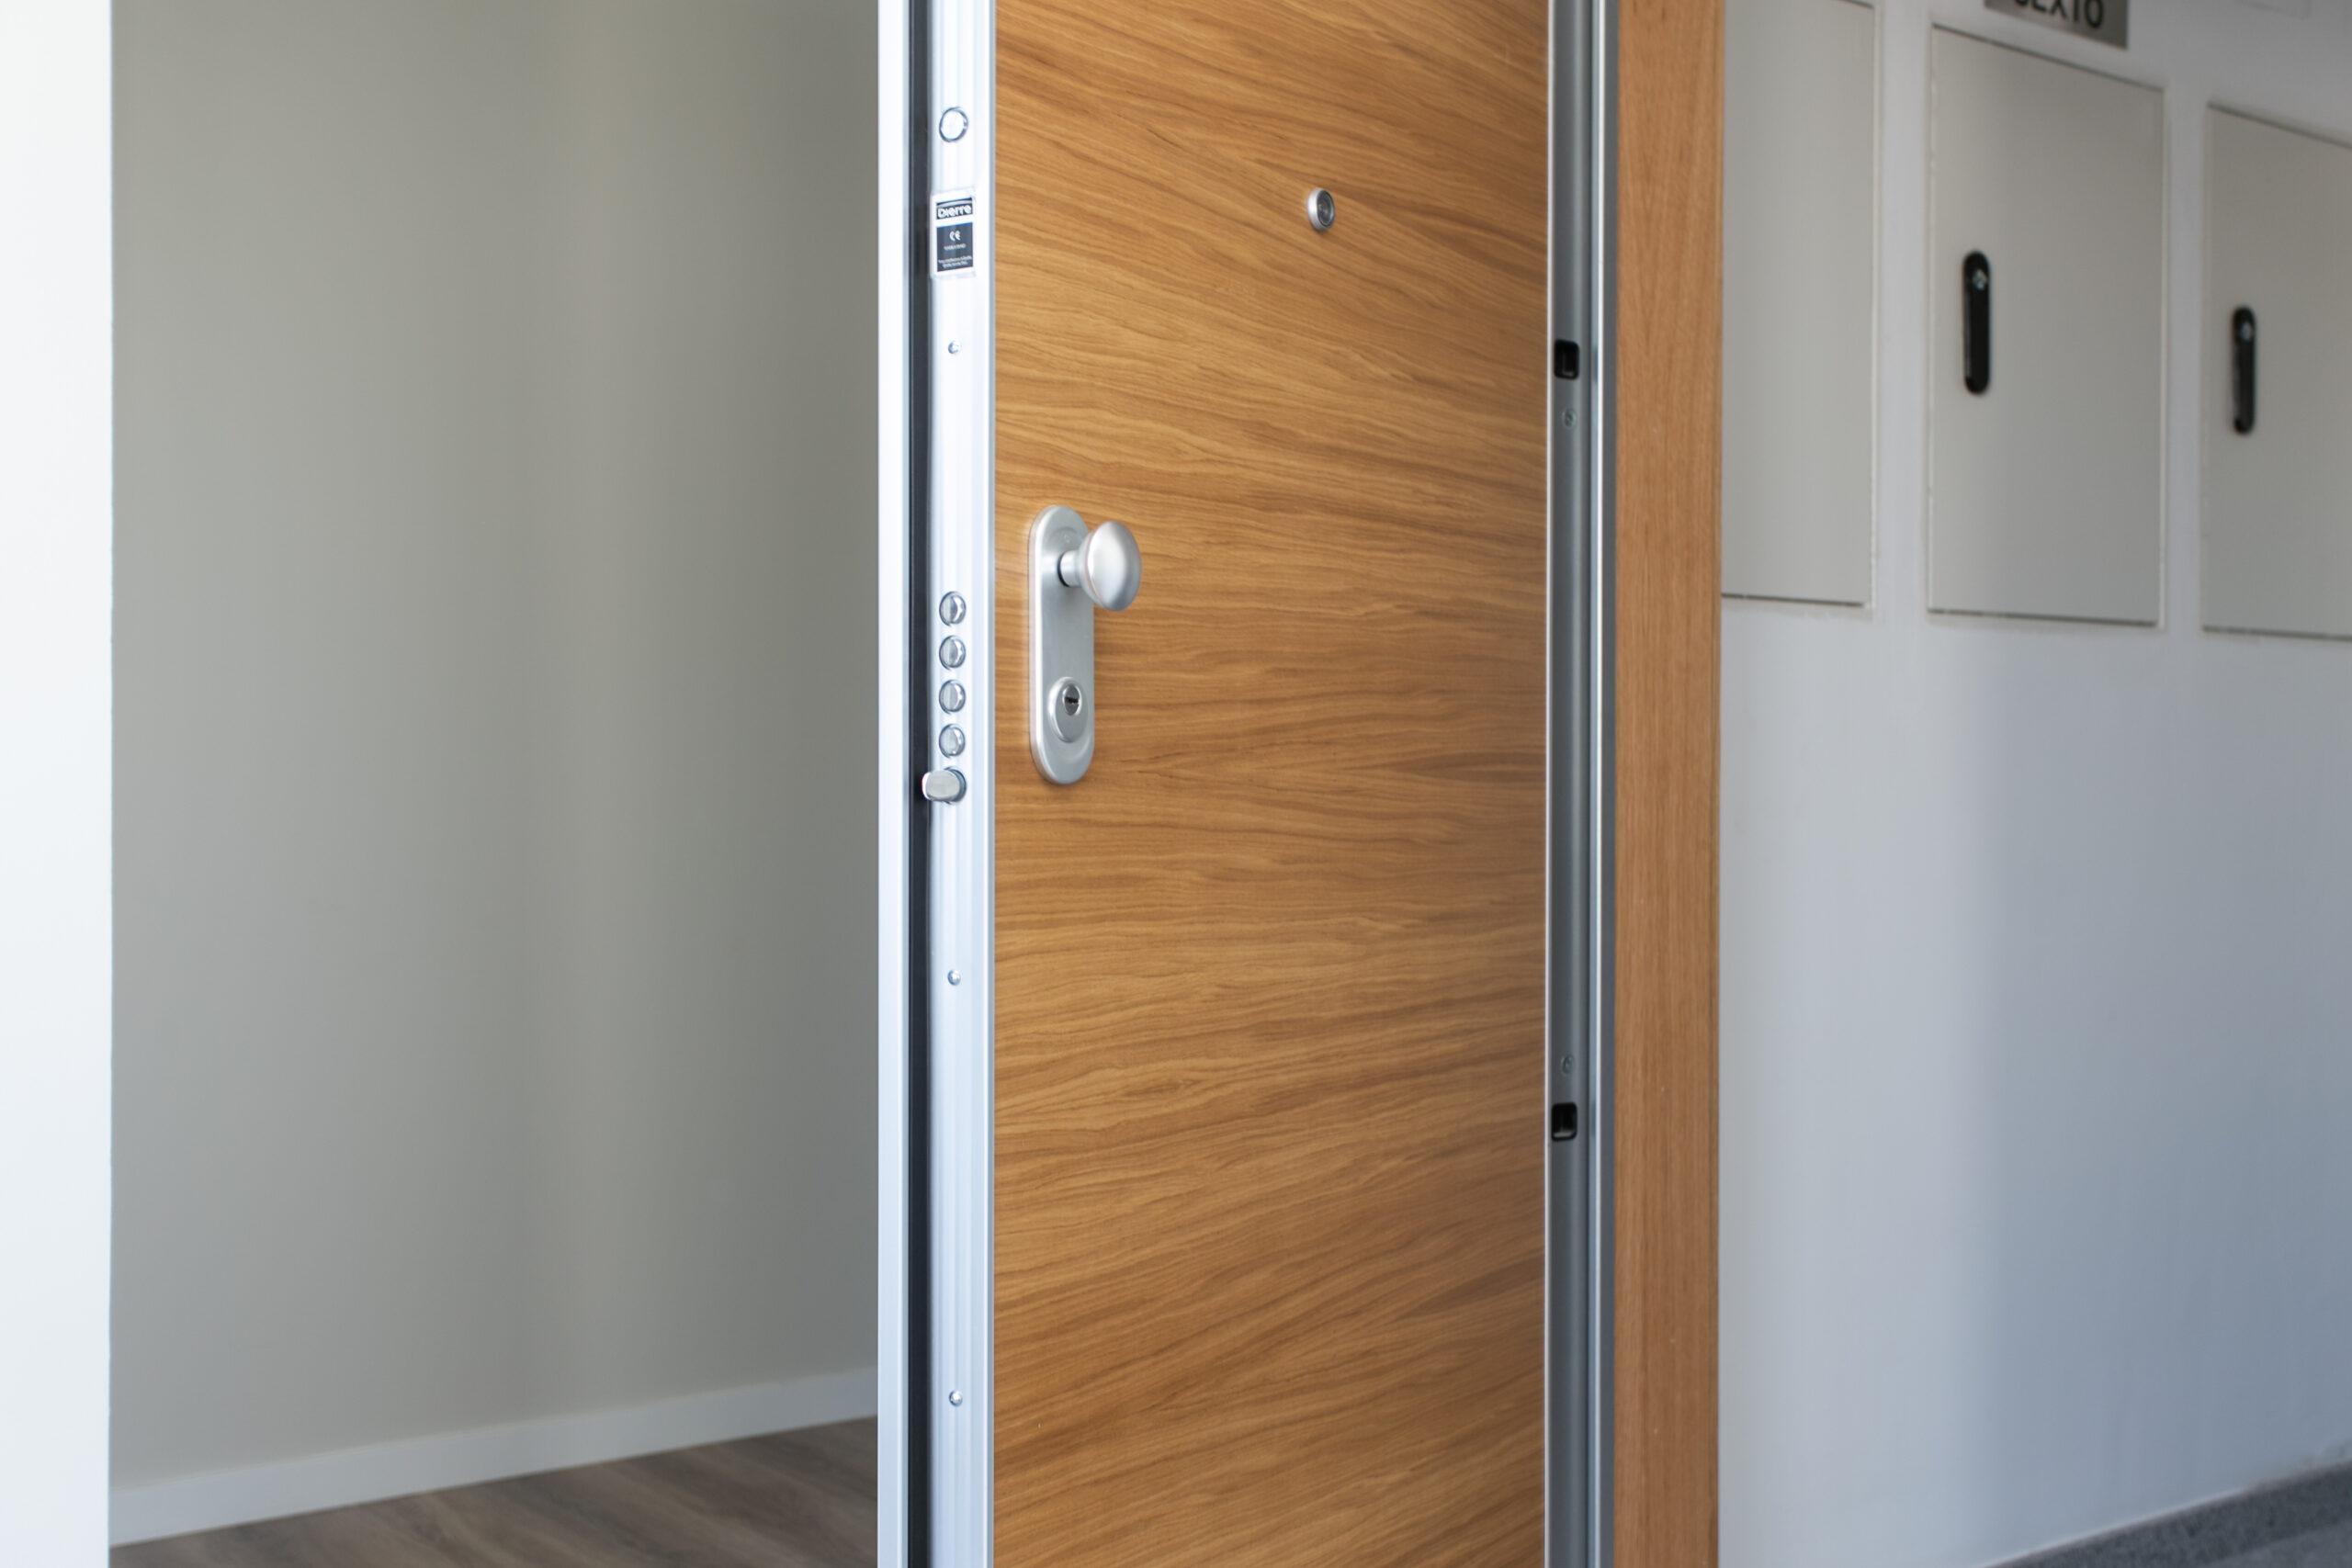 Tipos de puertas de entrada: blindadas, acorazadas y puertas de seguridad